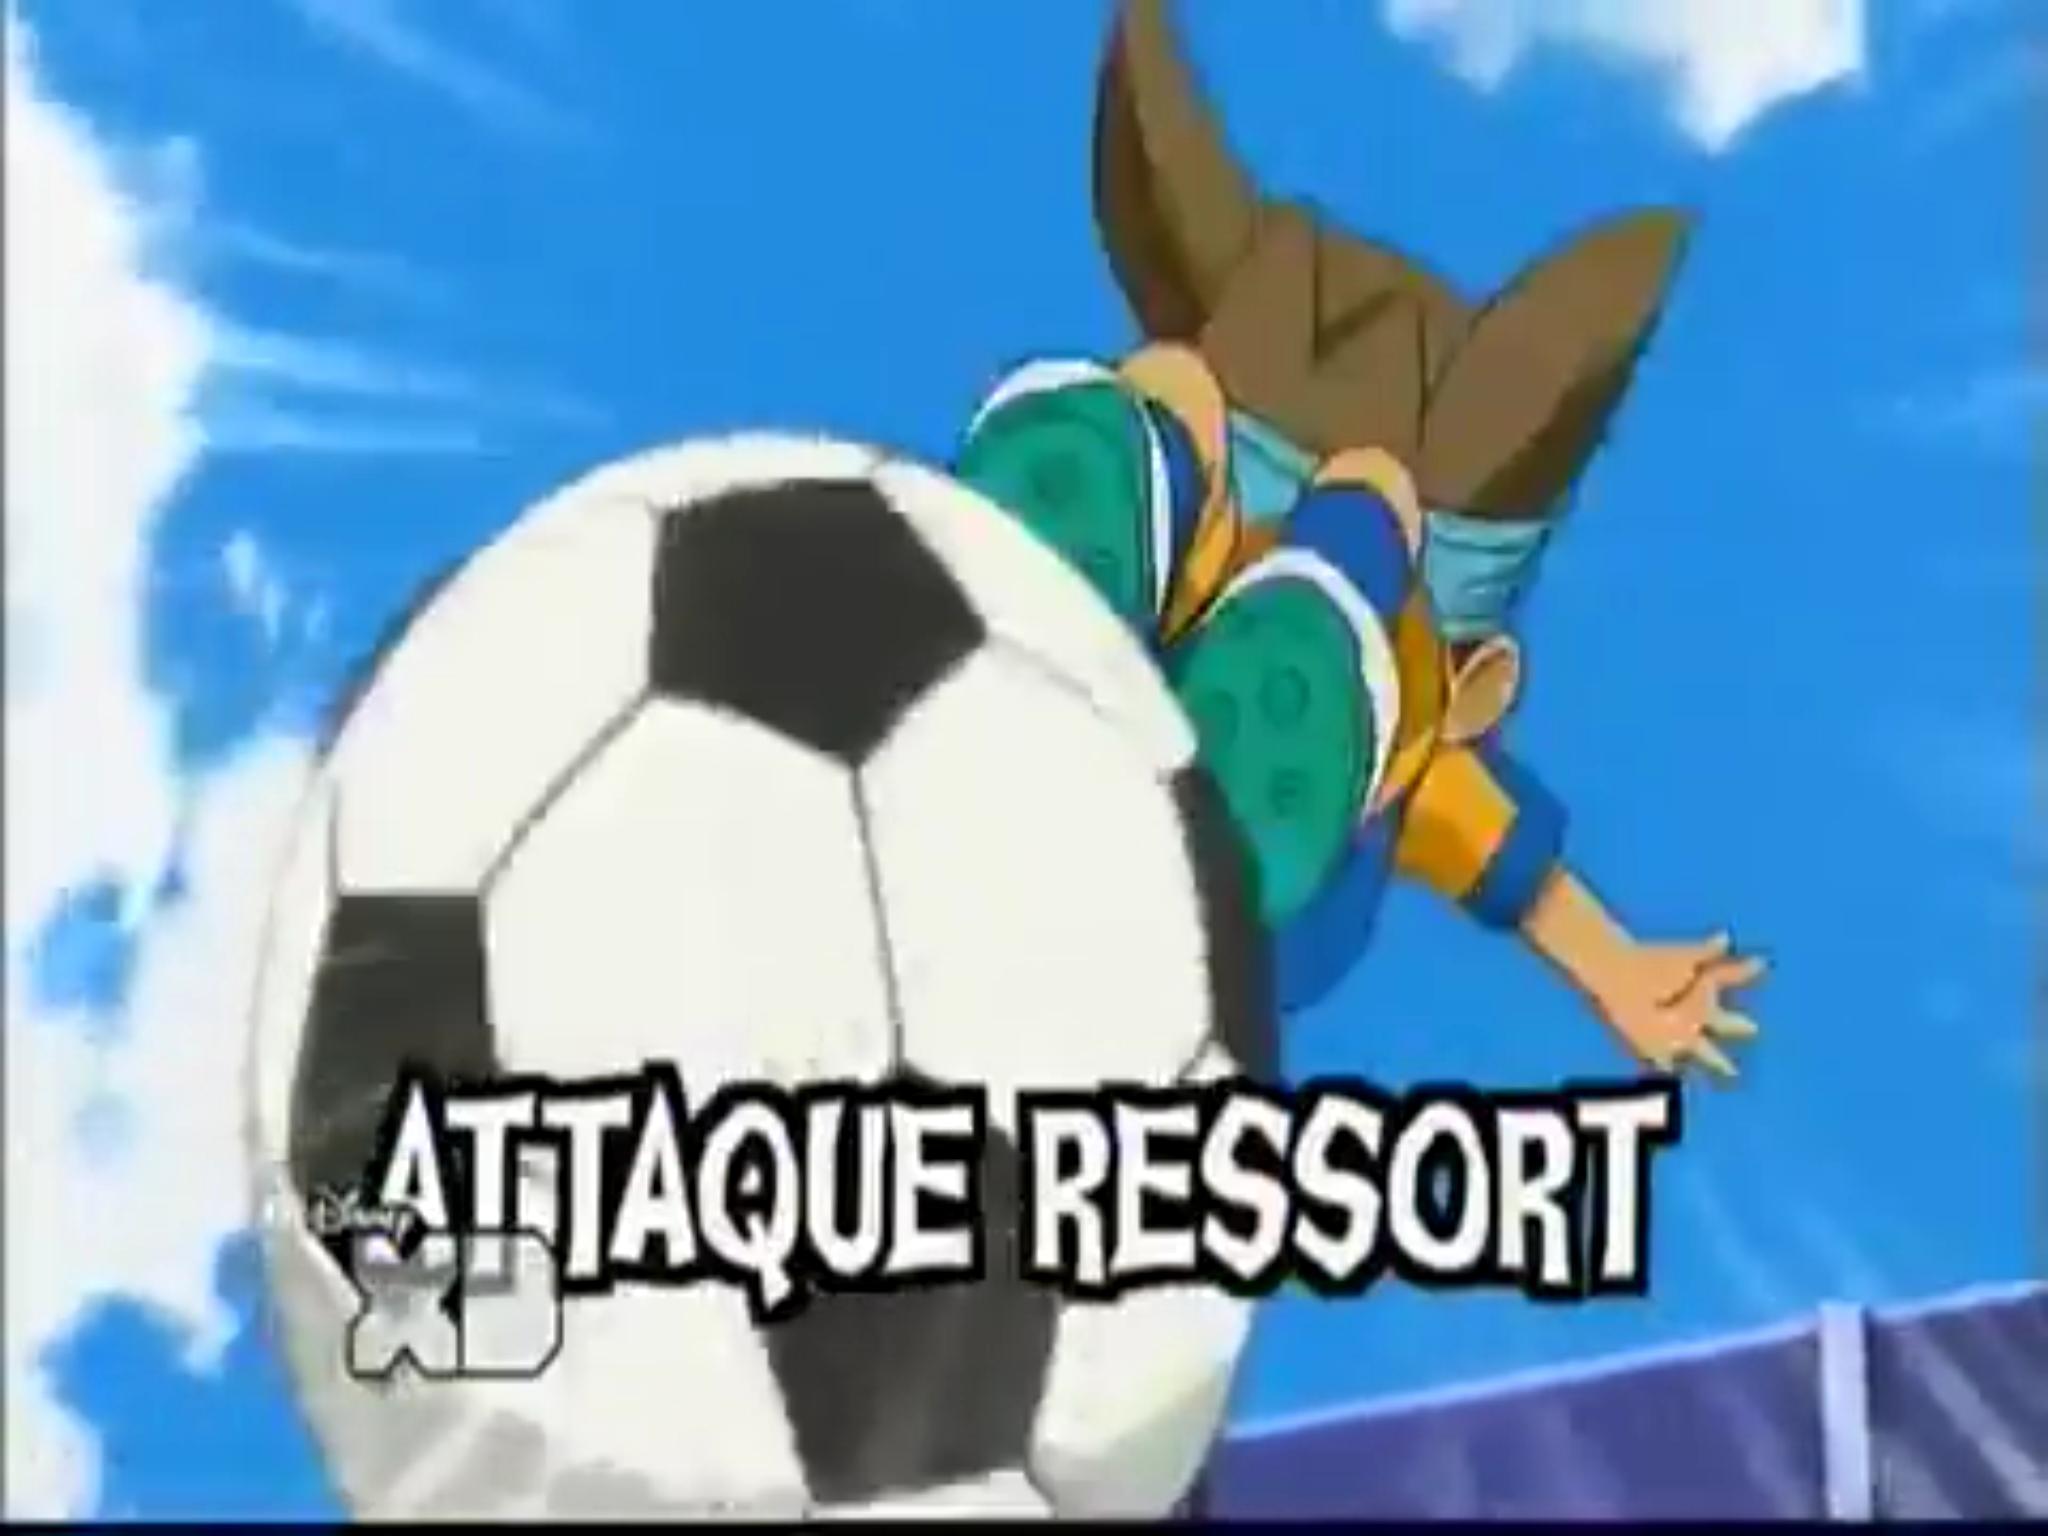 Attaque Ressort